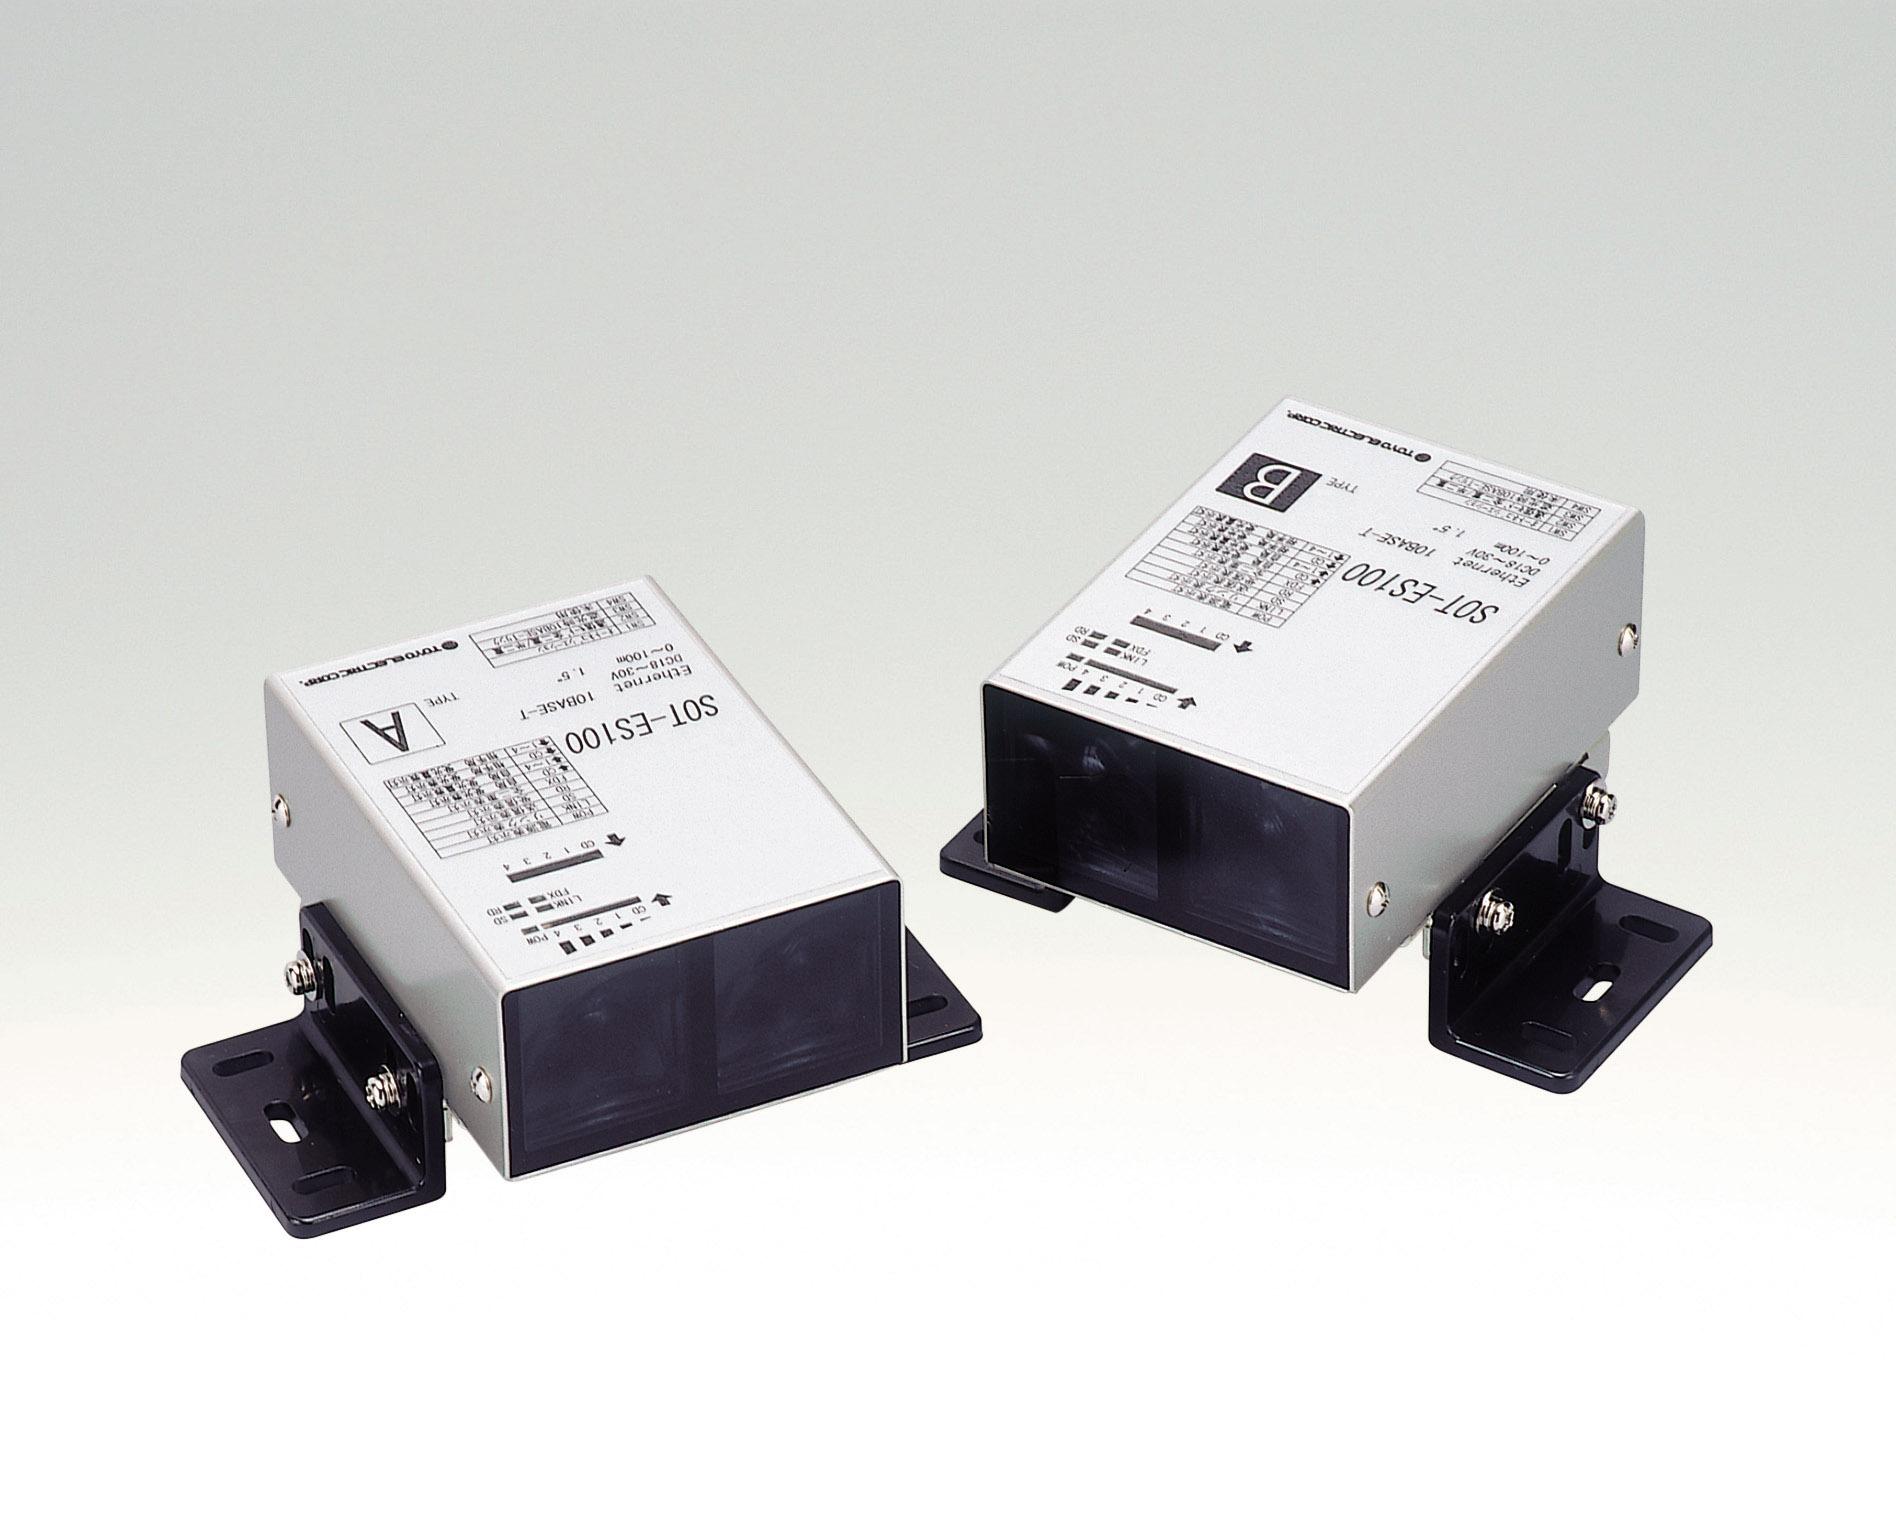 空間光伝送装置/イーサネット信号対応